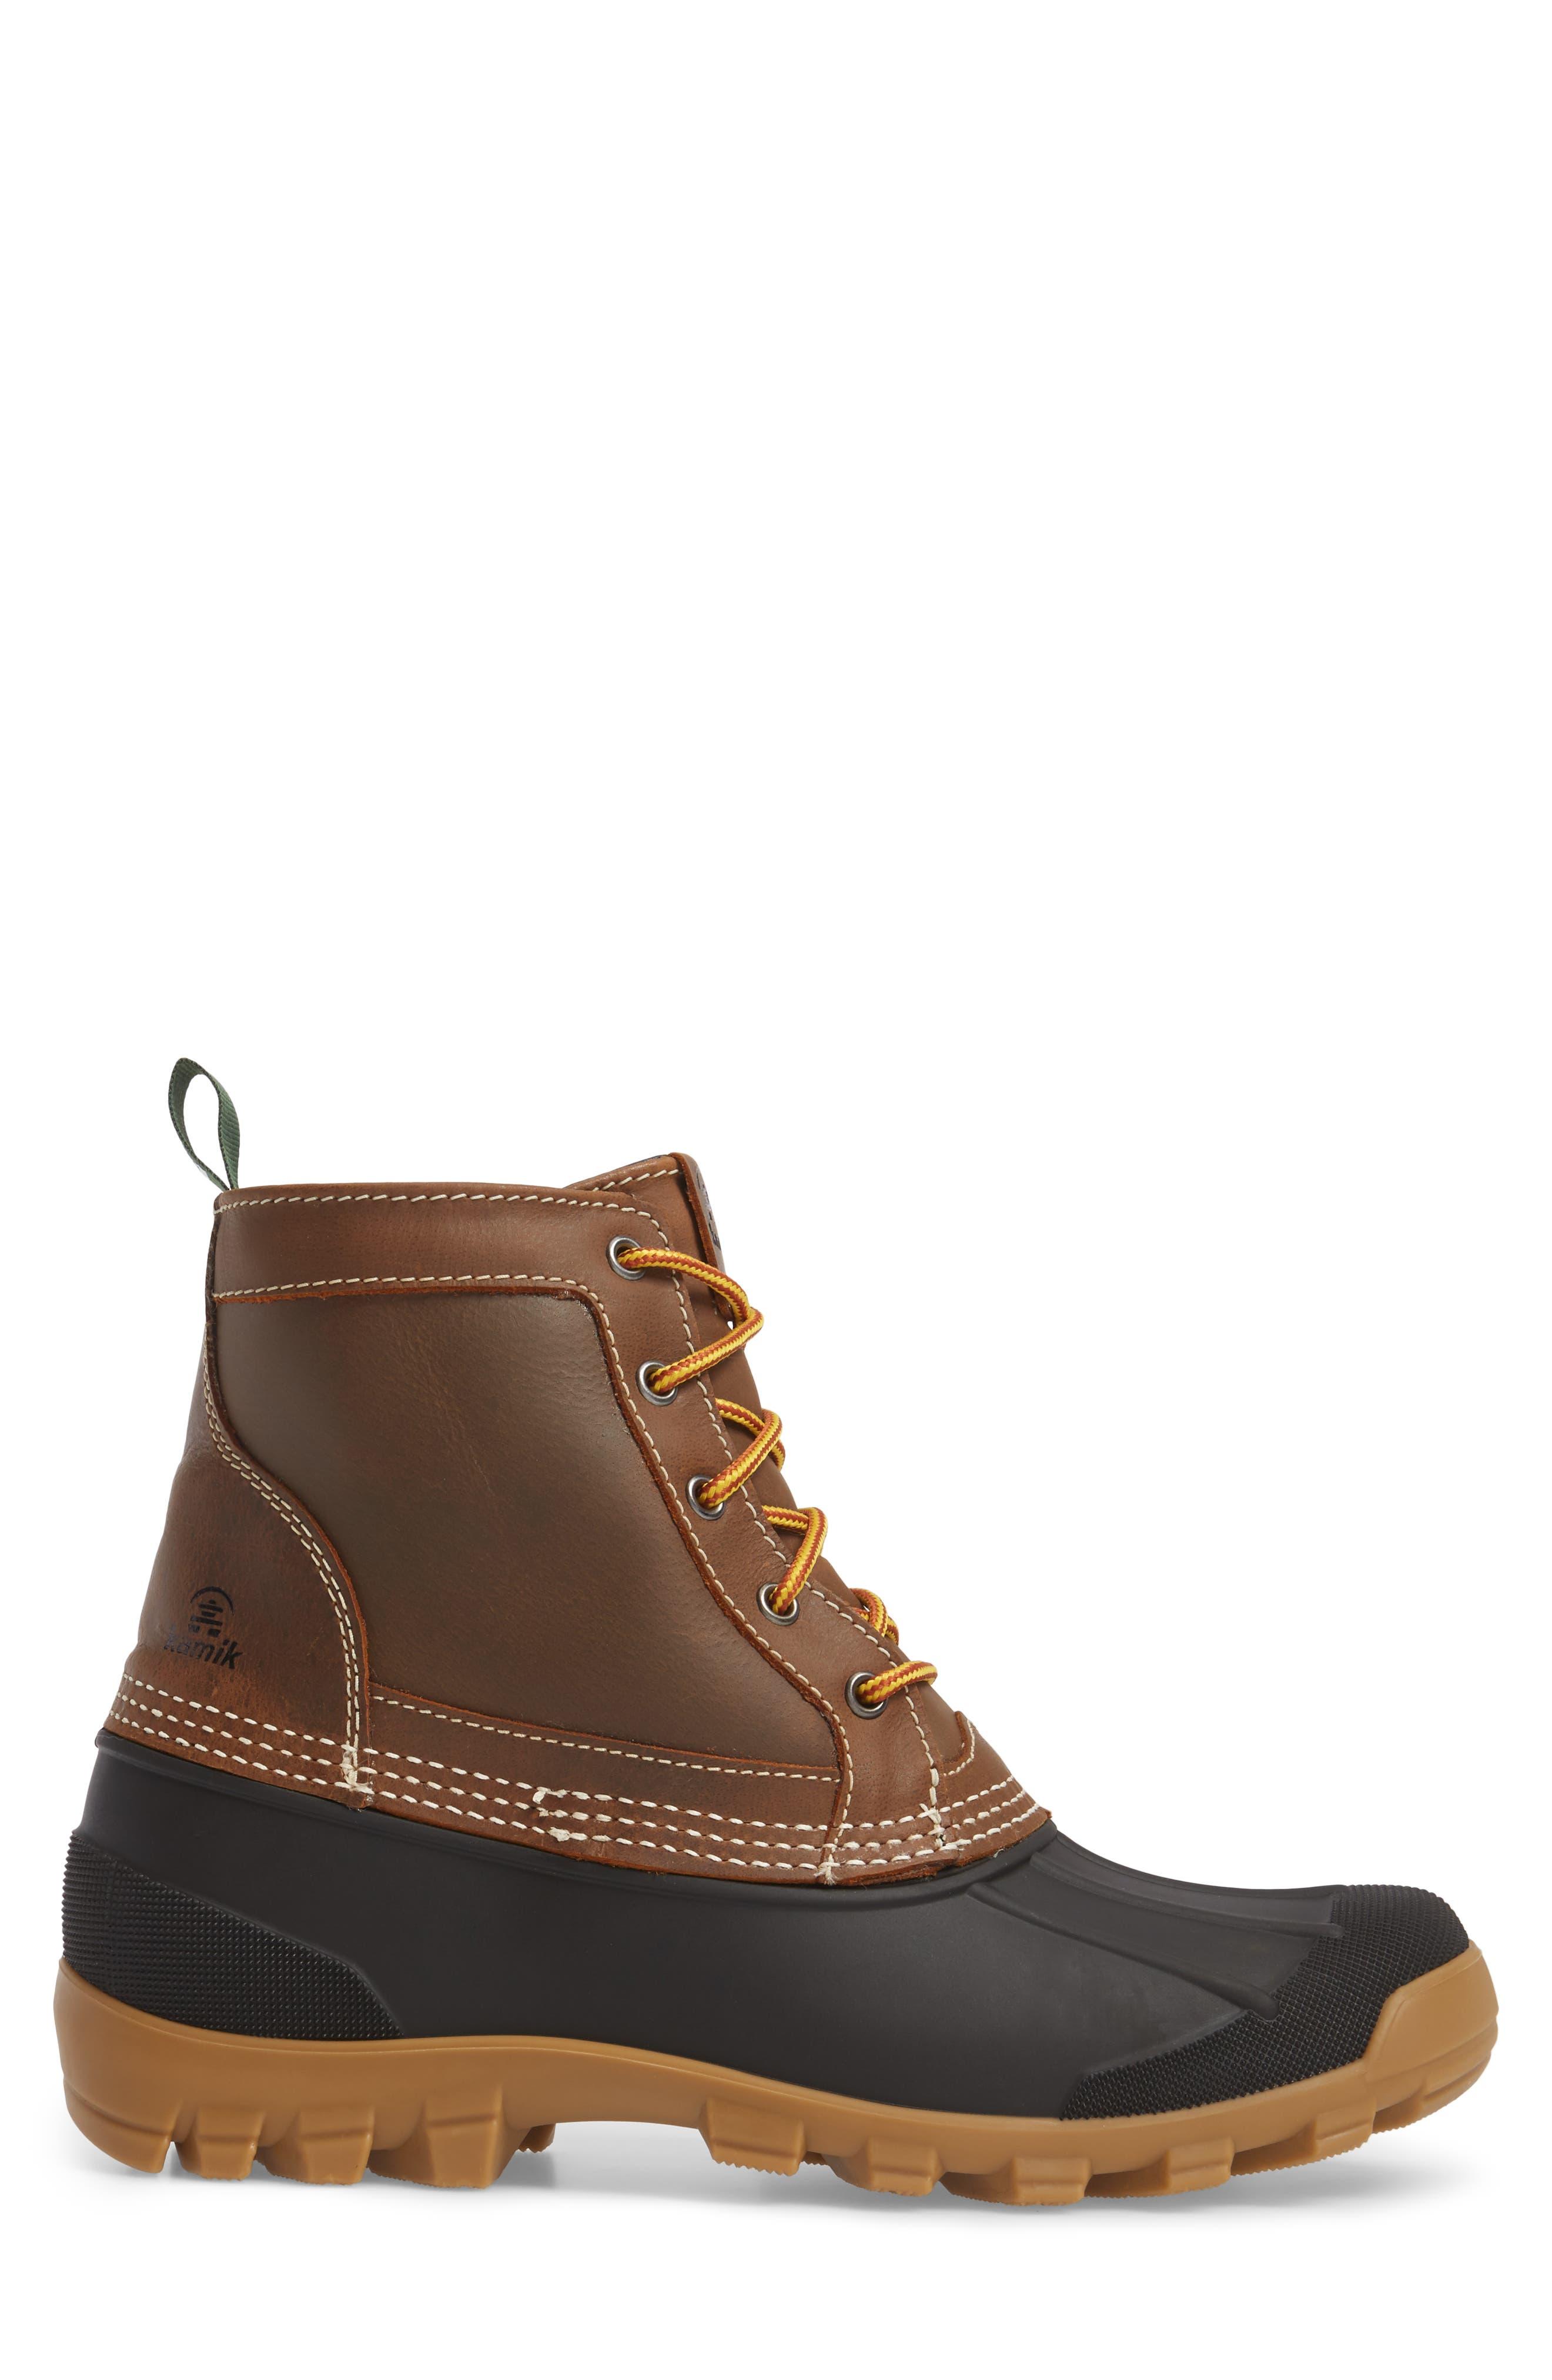 Alternate Image 3  - Kamik Yukon 5 Waterproof Insulated Three-Season Boot (Men)